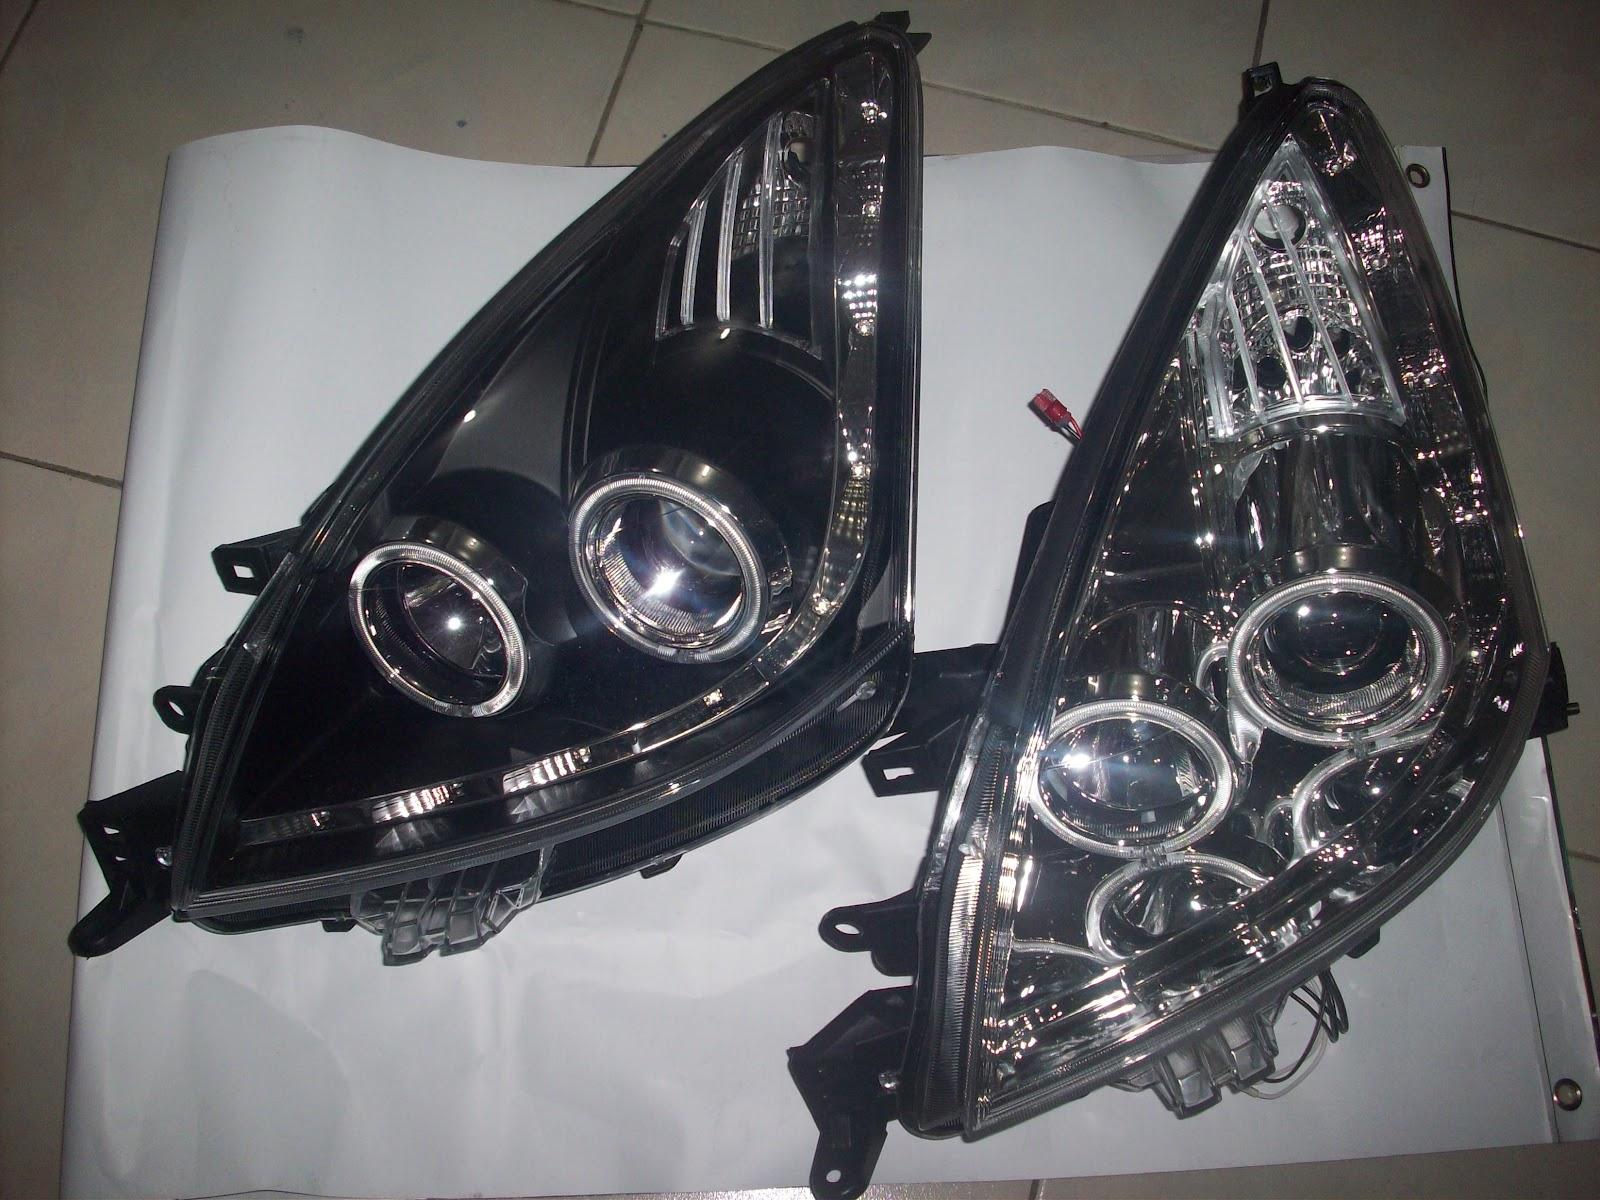 Lampu Projector Grand New Veloz Interior Avanza 1.3 G Aksesoris Dan Variasi Otomotif Mengenal Lebih Dekat Head